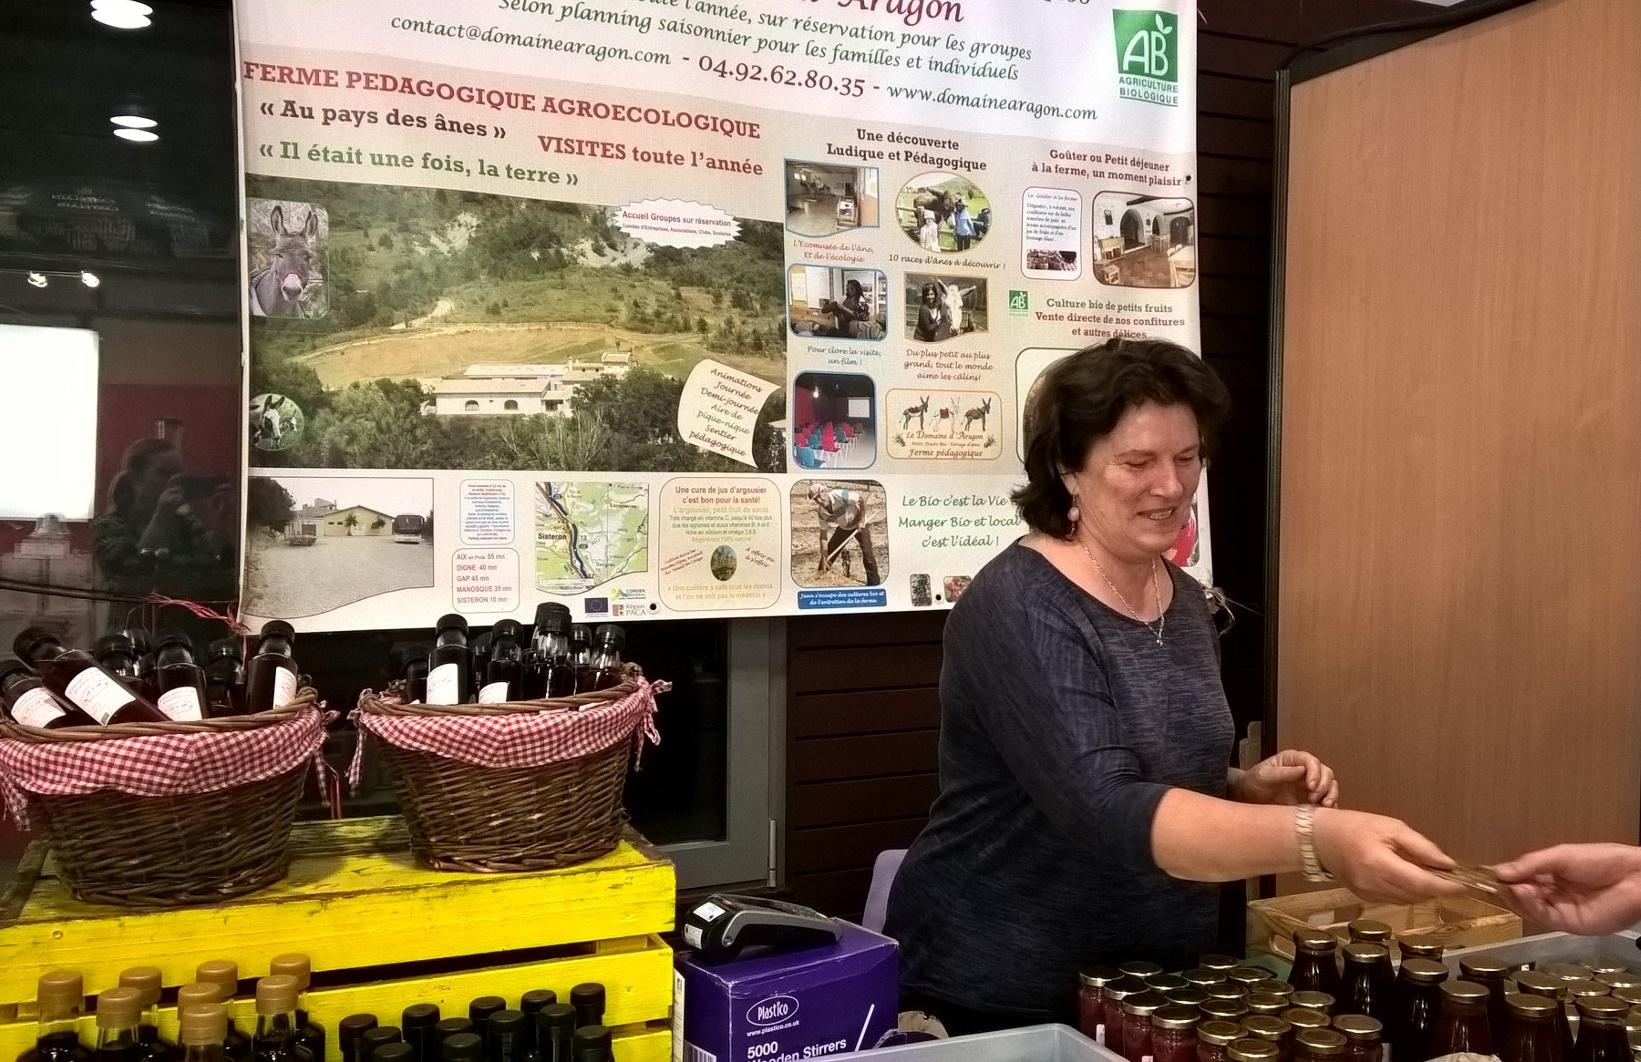 La suite du reportage gourmand d'Alexia Baron au salon du chocolat de Manosque